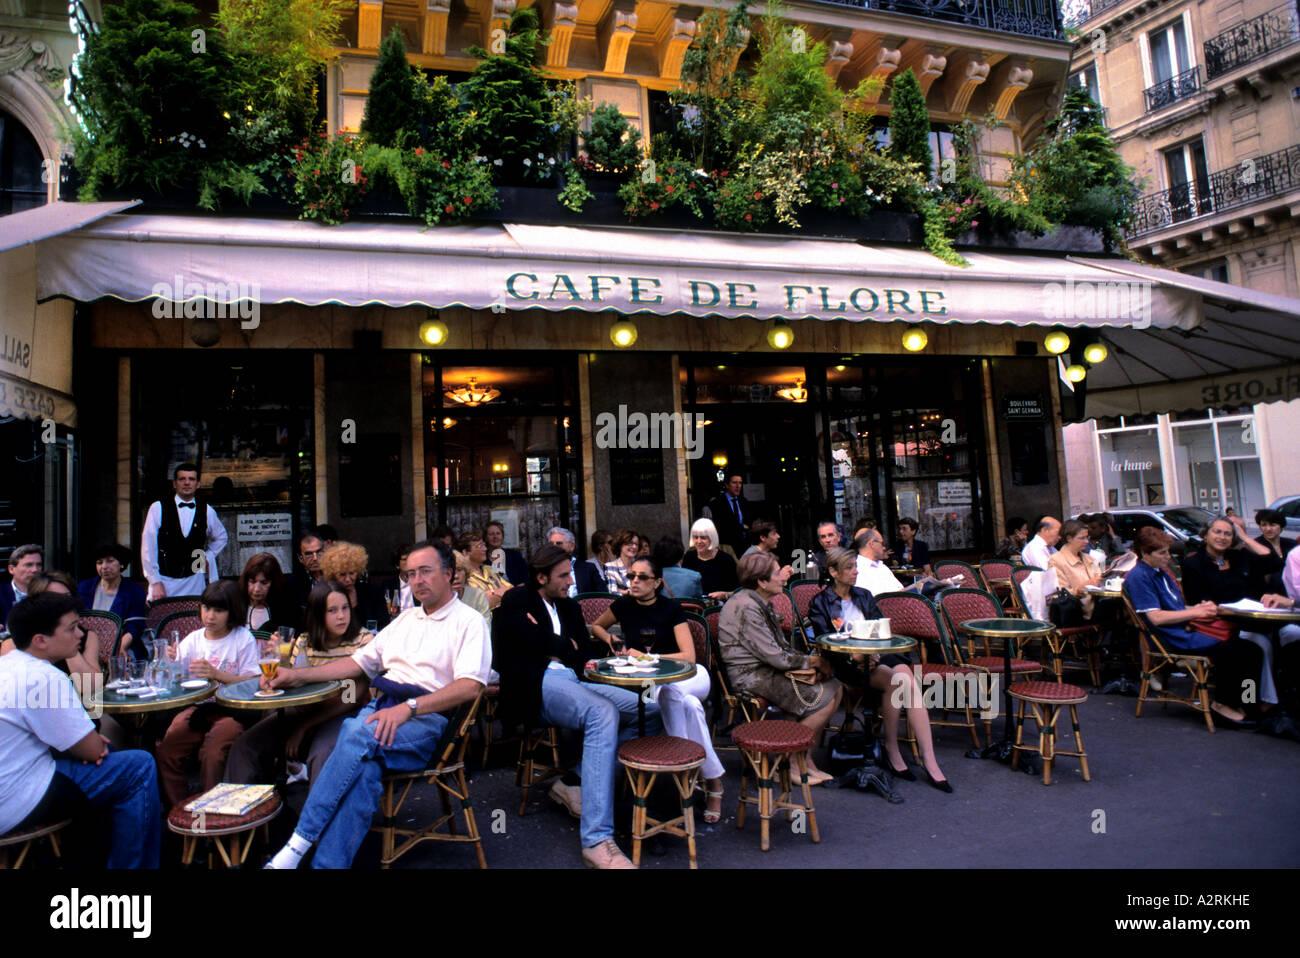 Cafe Paris Tickets Restaurant